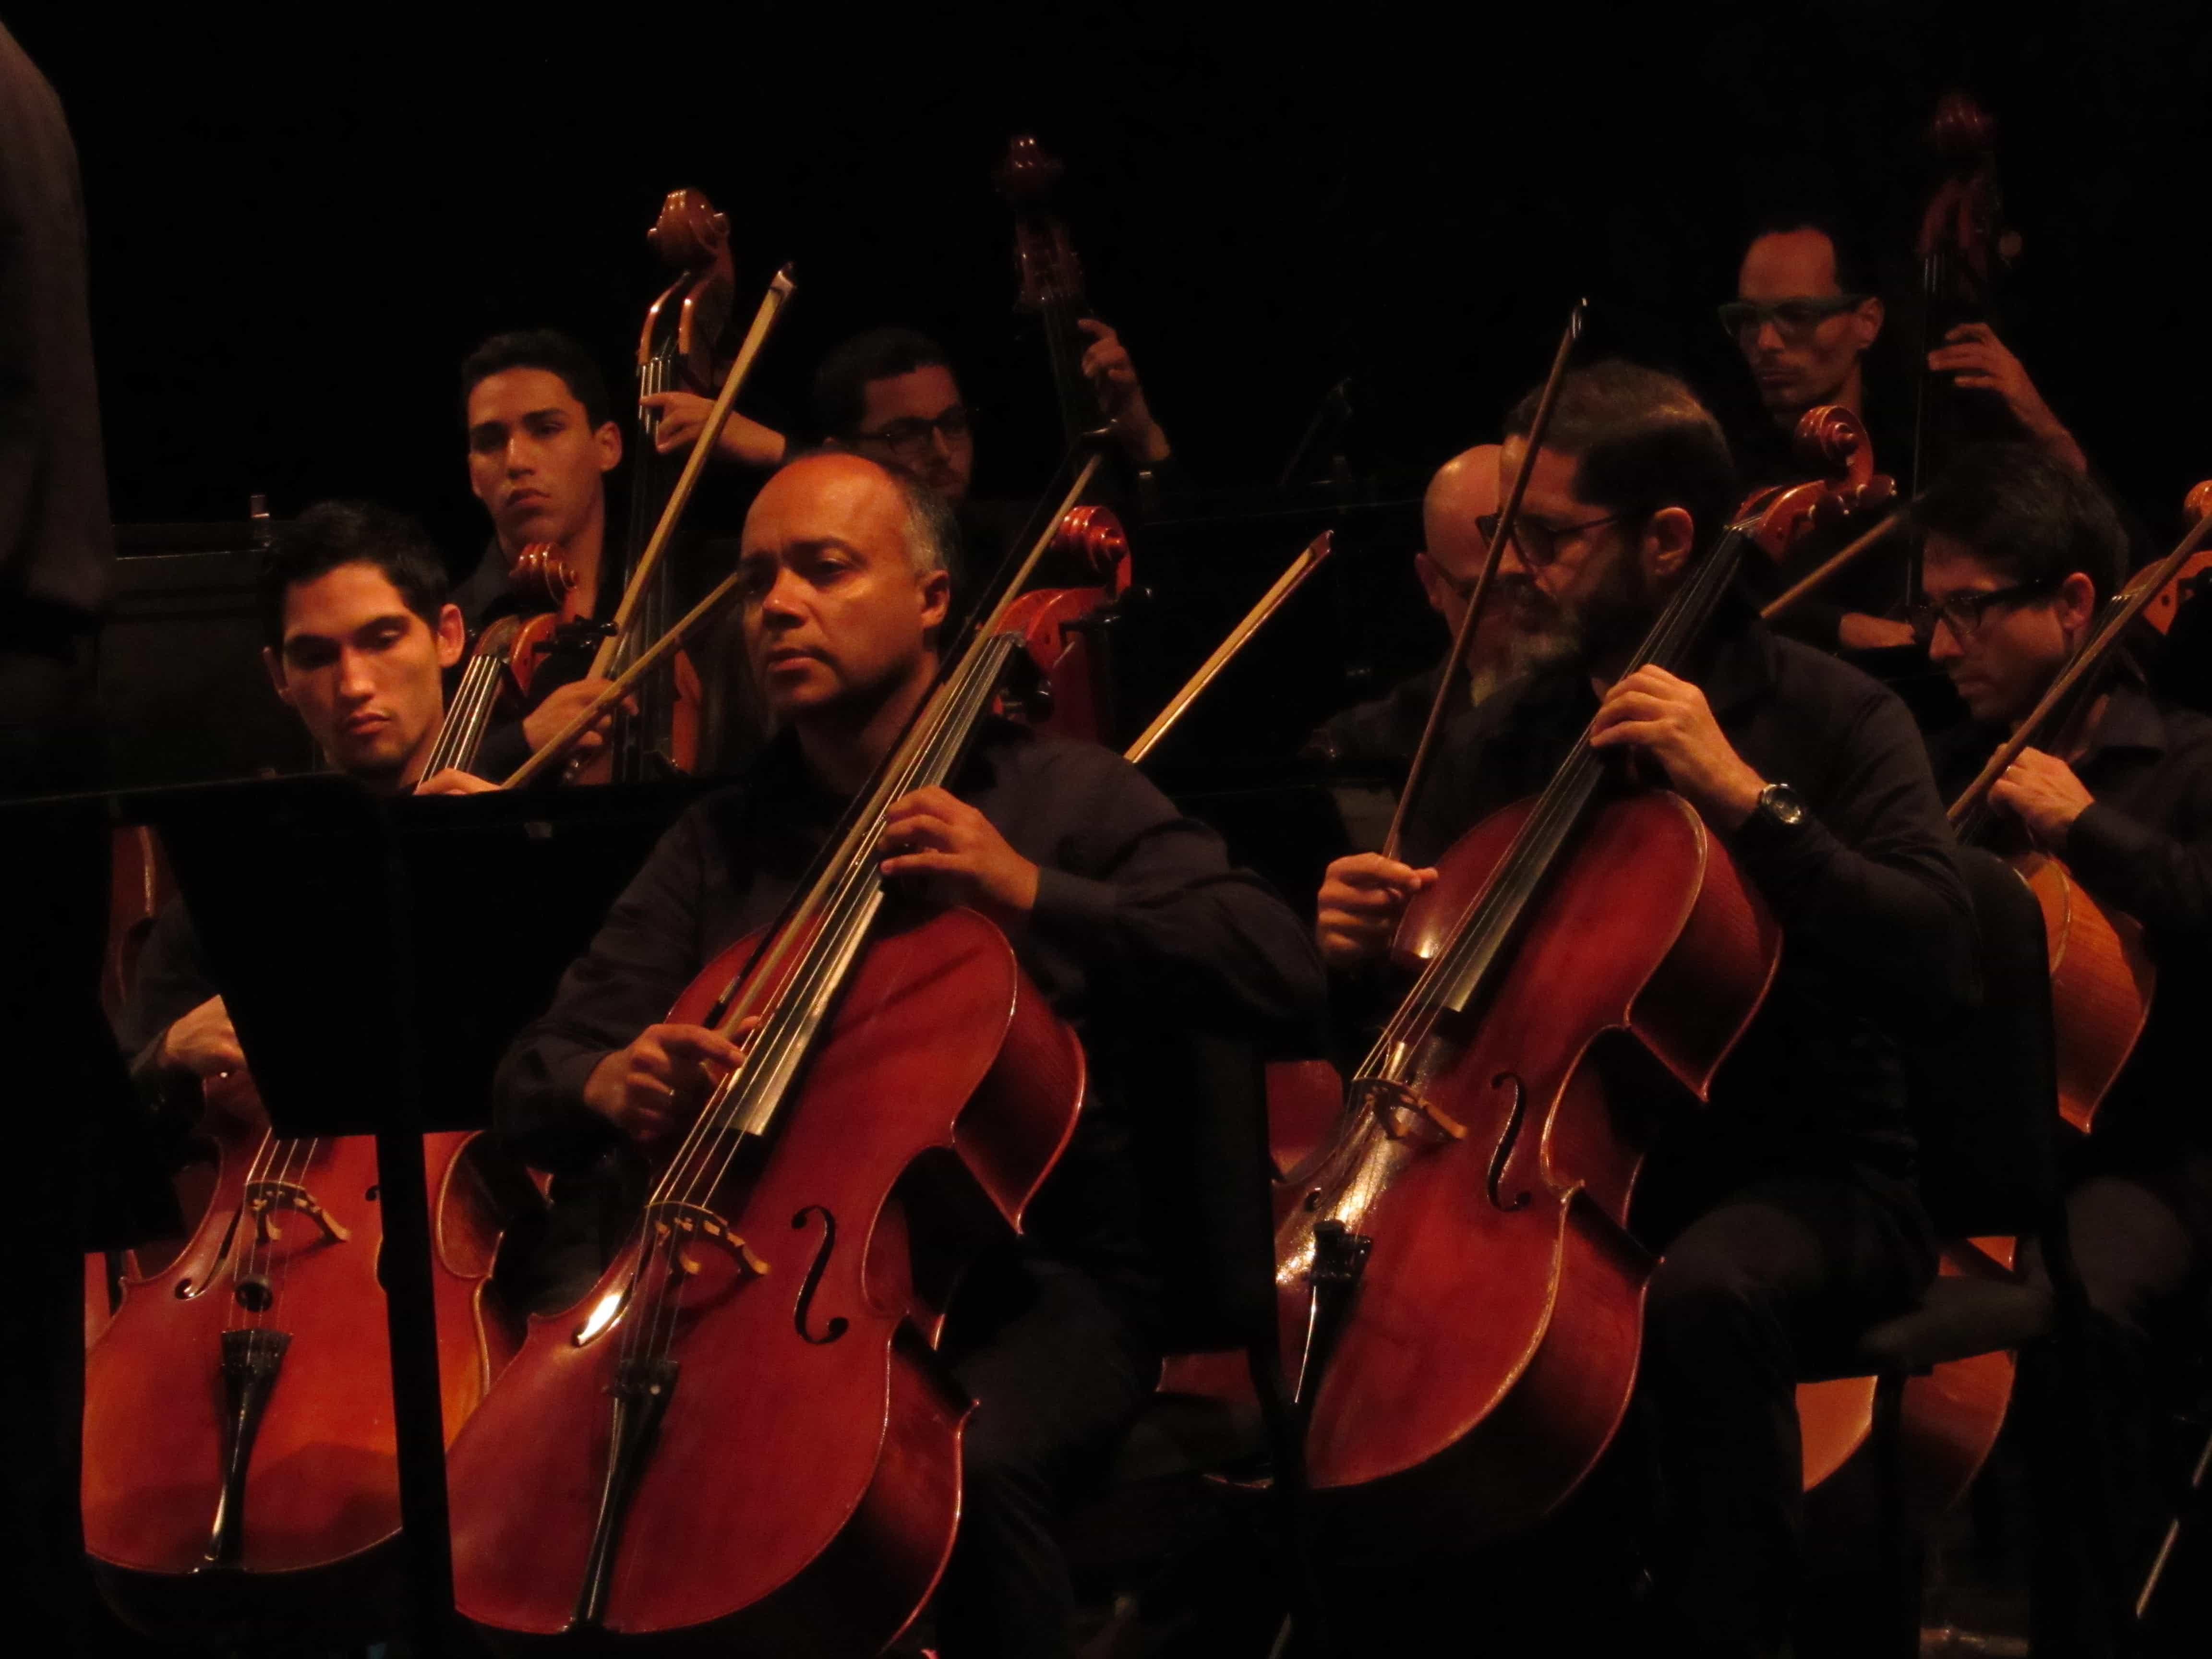 Orquesta Sinfónica de P.R. se presenta frente a La Torre de la UPRRP